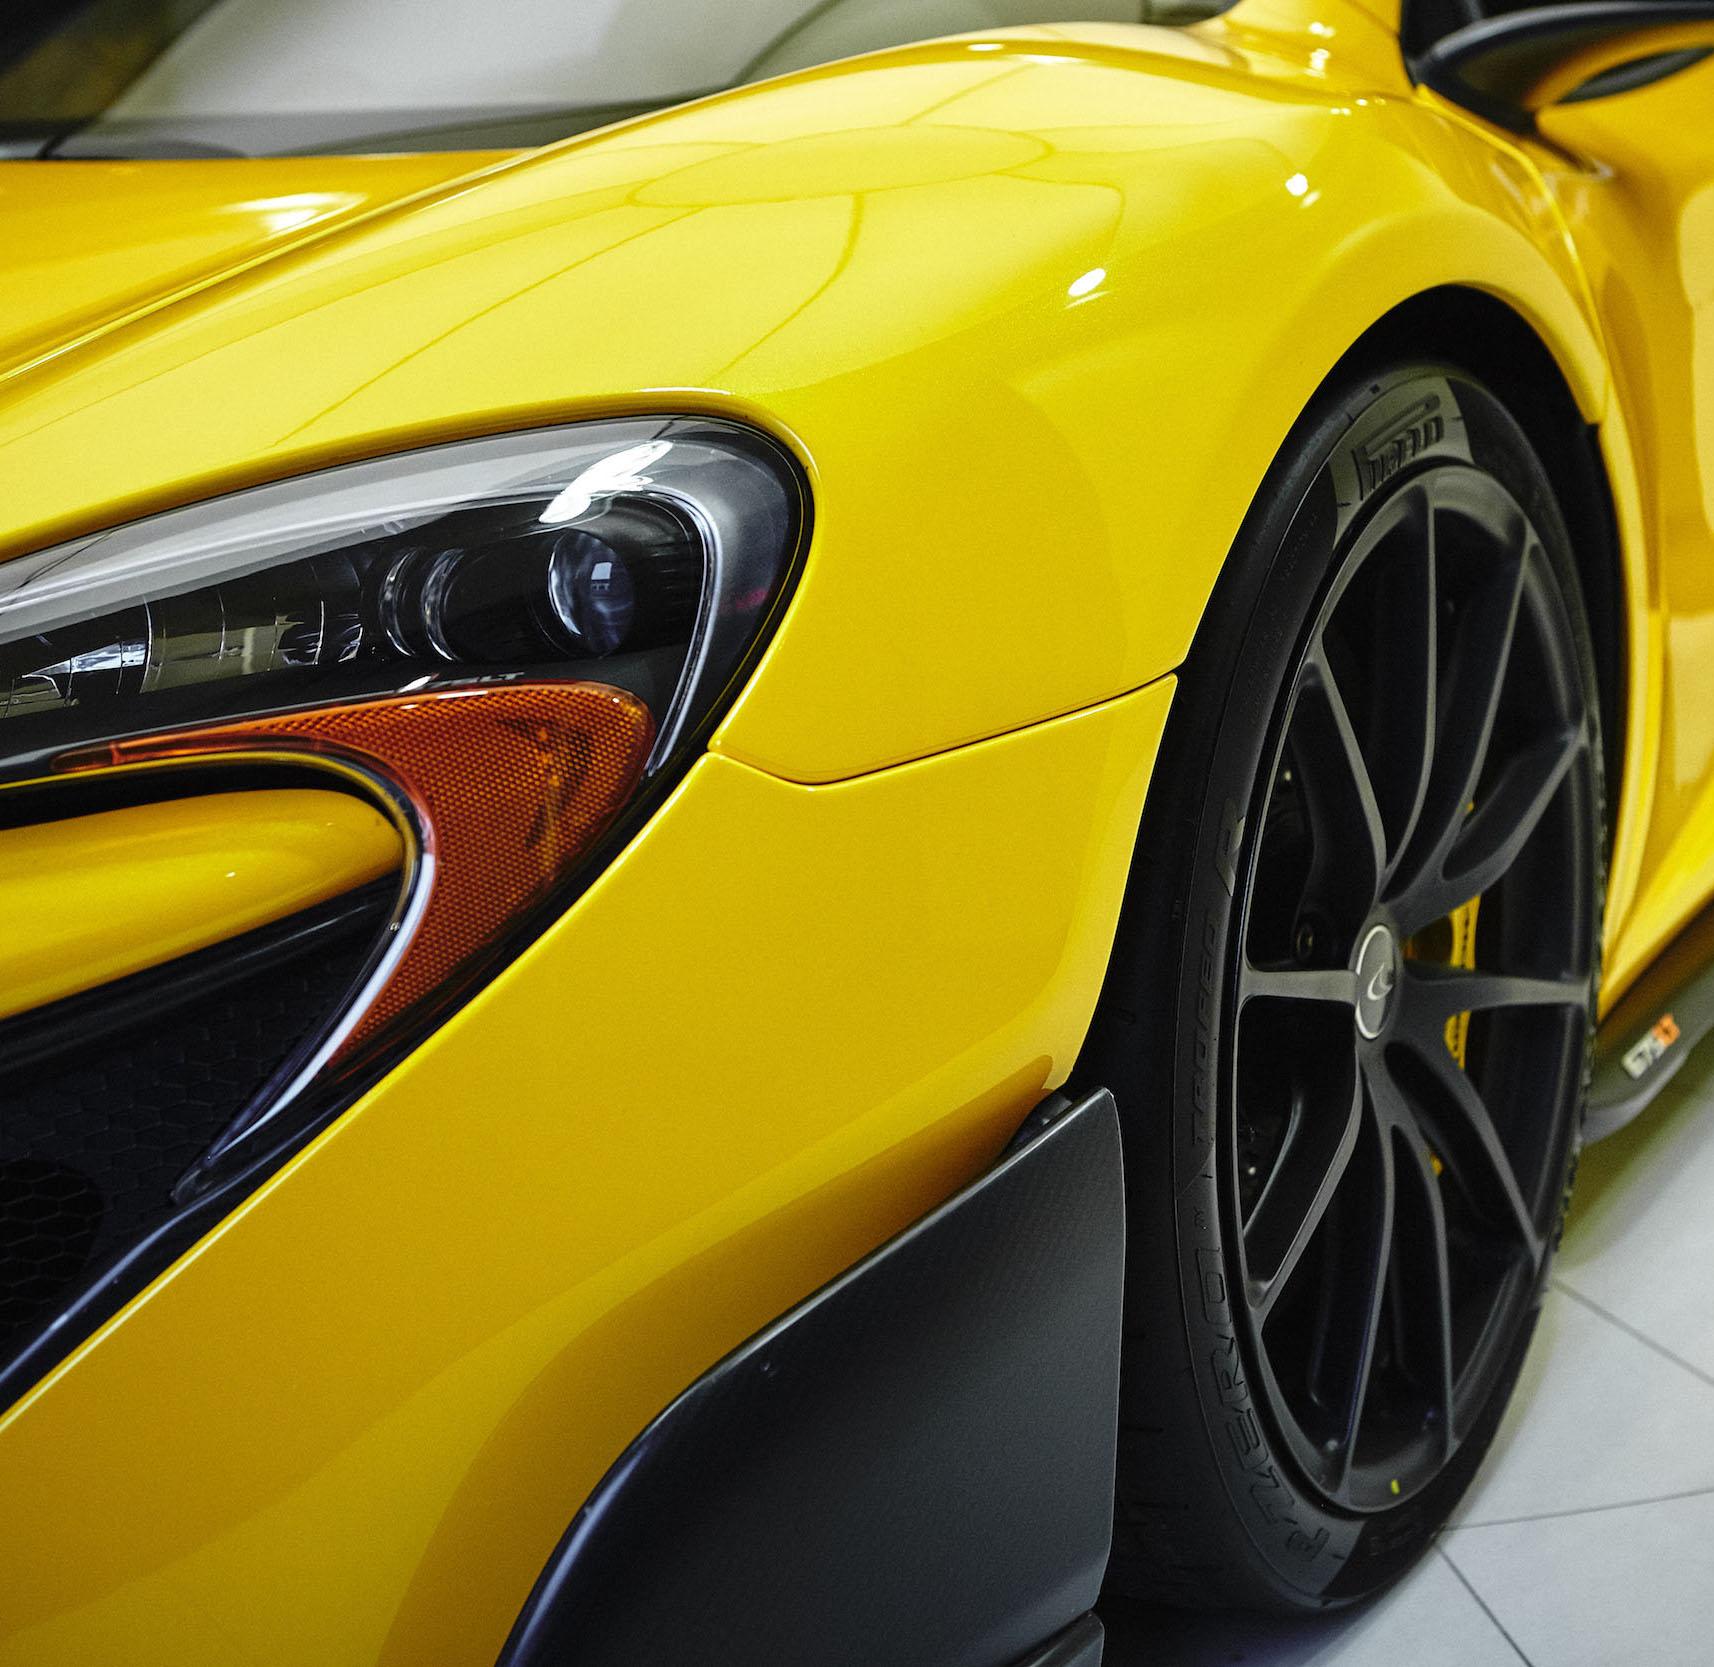 McLaren Automotive - video production